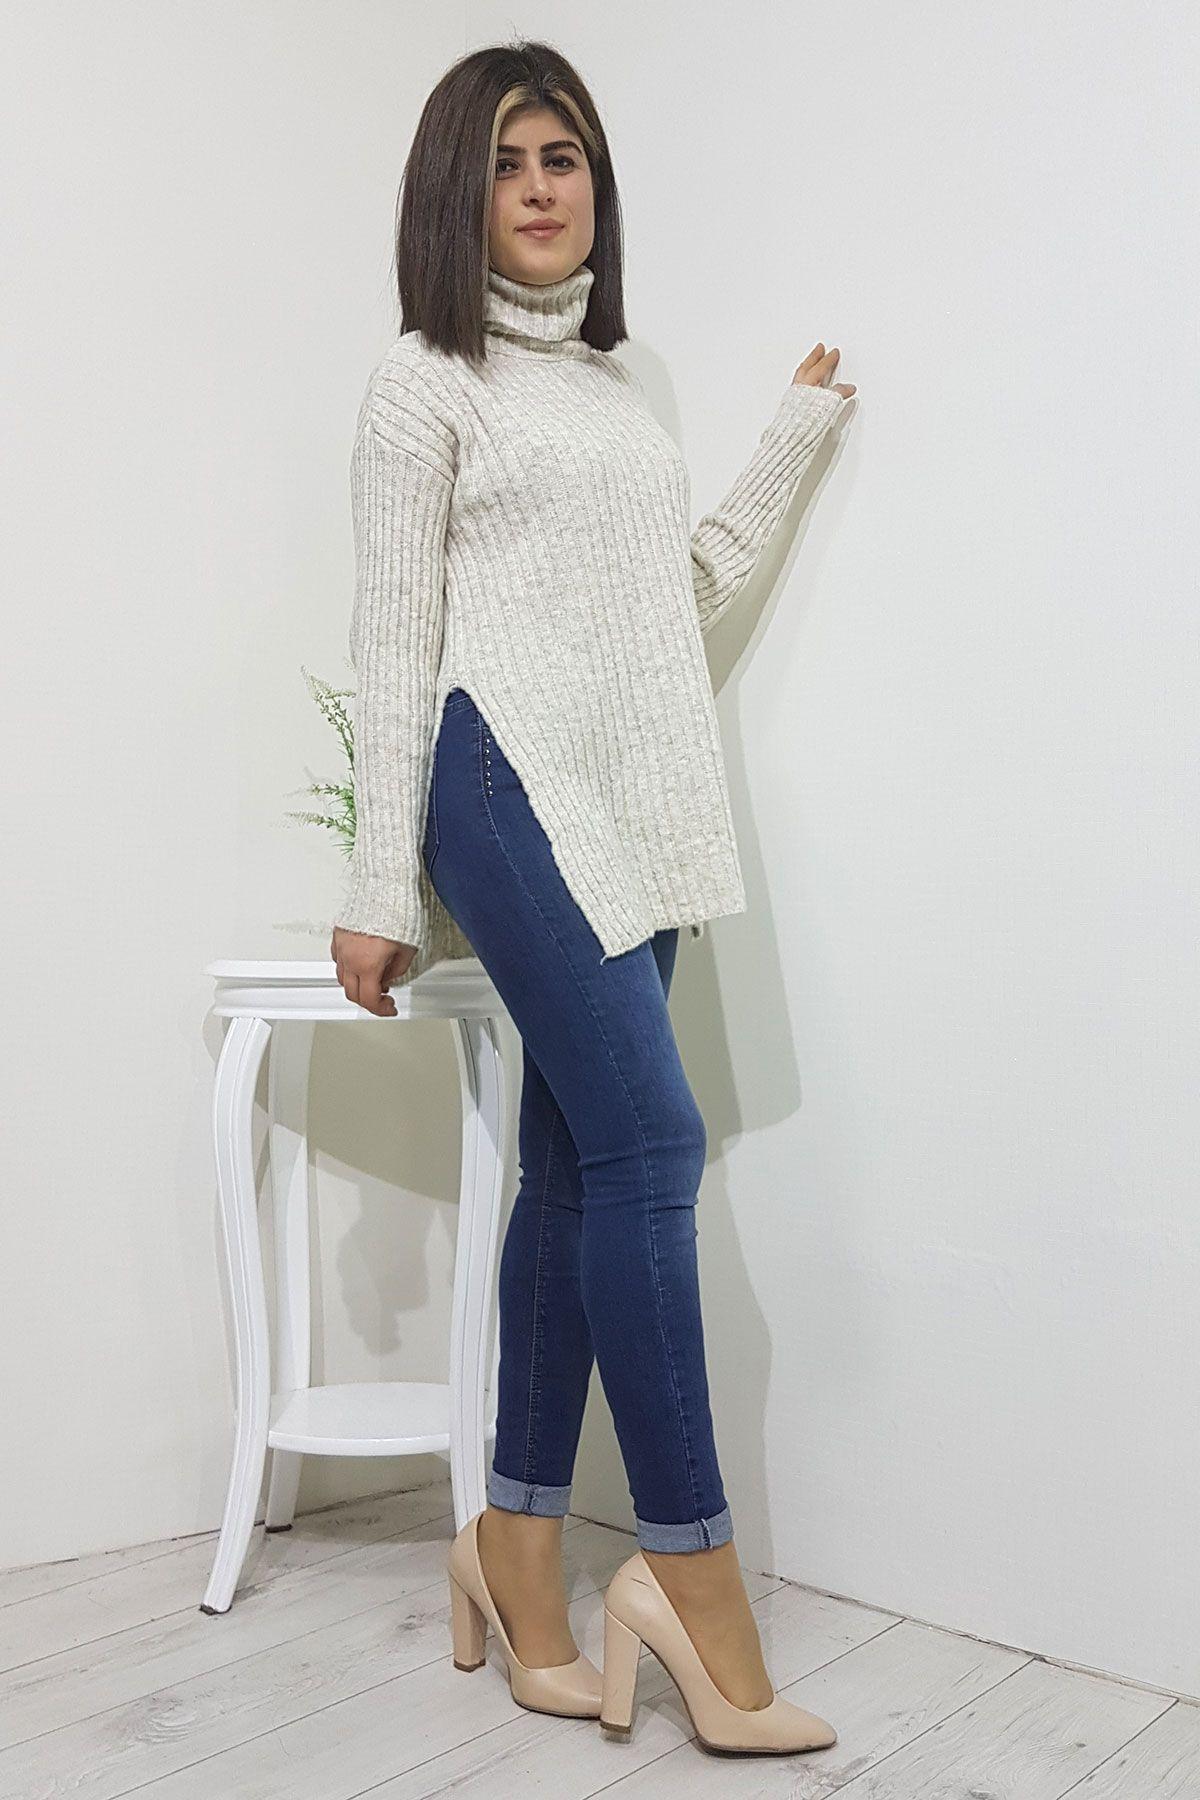 Ftilli Balikci Yaka Bayan Yun Kazak Kadin Giyim Moda Stilleri Giyim